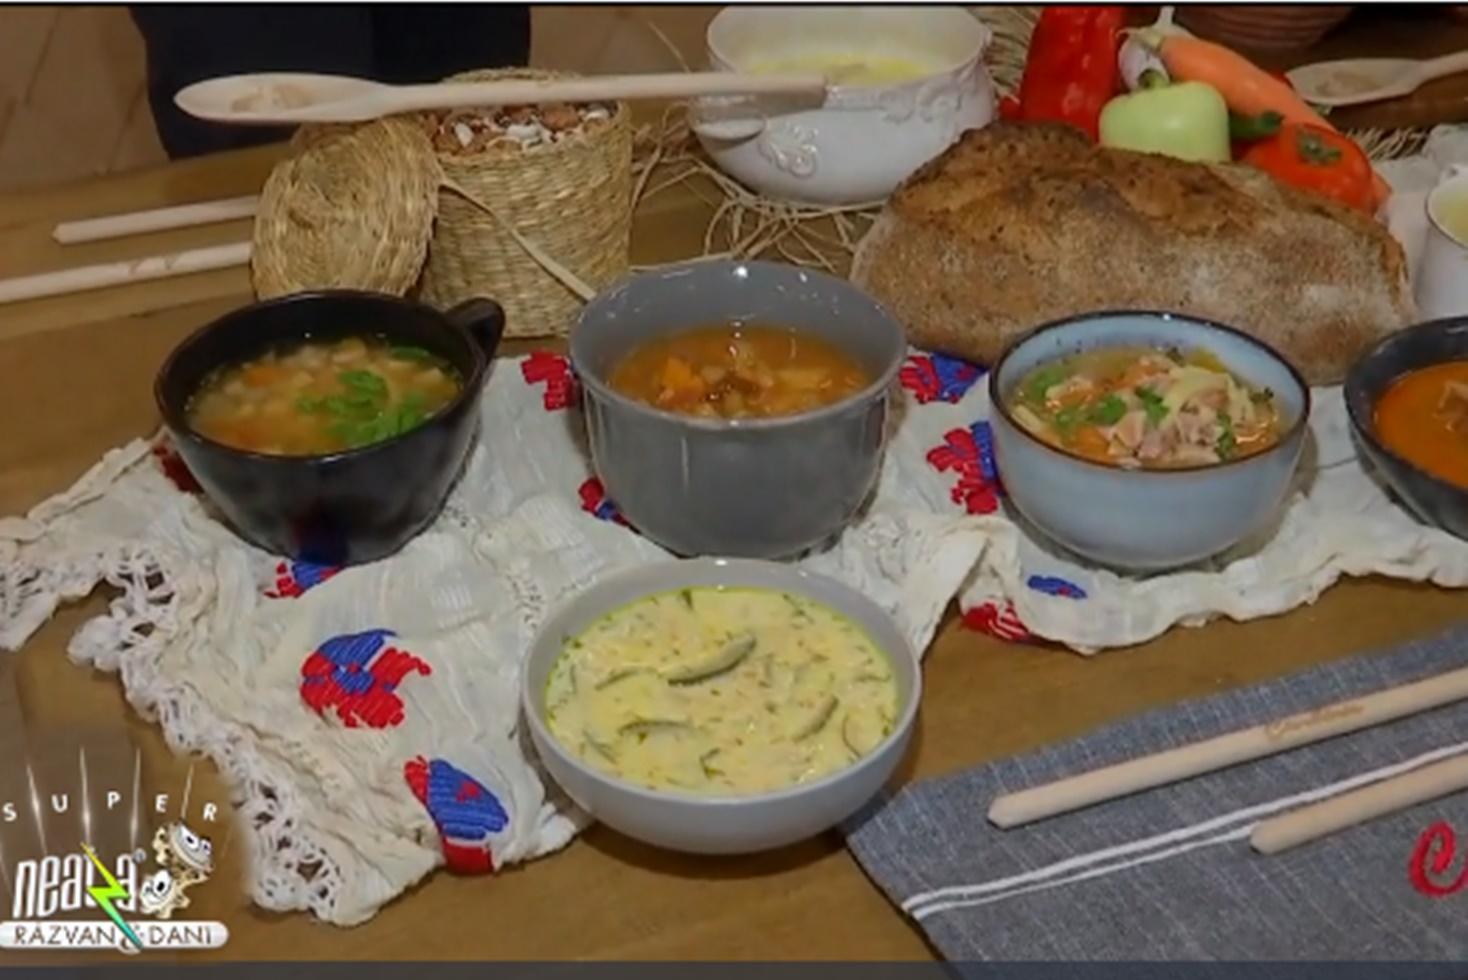 Cele mai recomandate ciorbe bune de servit după perioadele de abuz alimentar